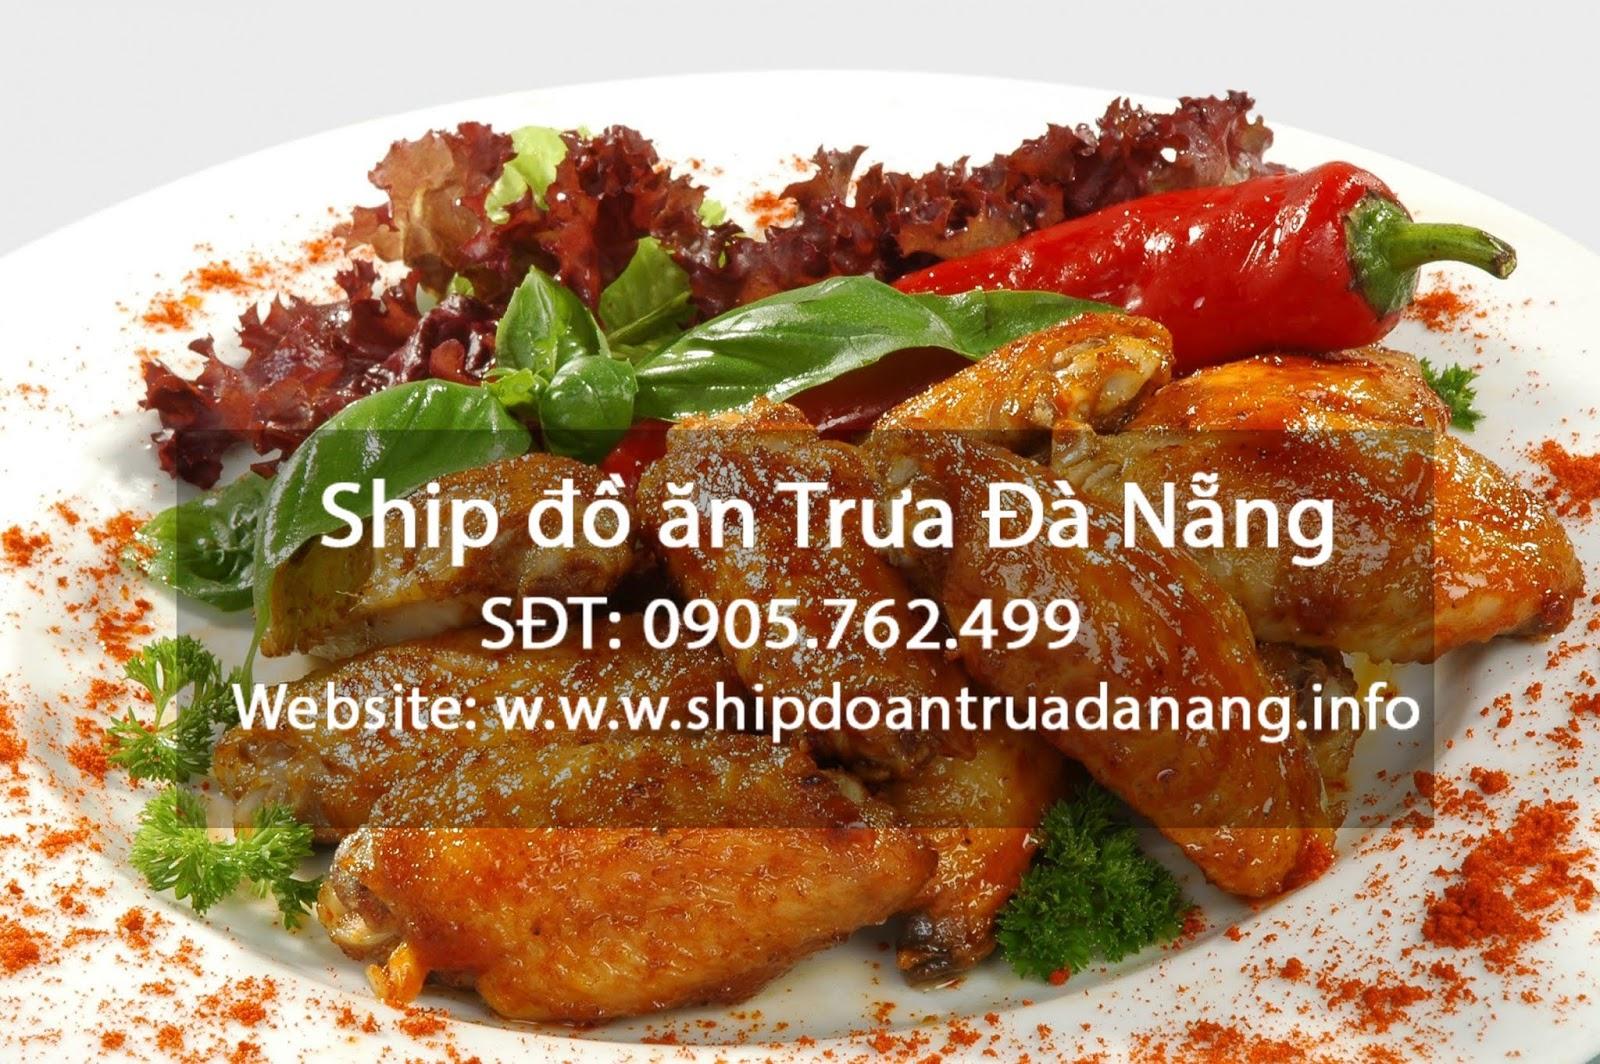 Danh sách các món ăn món ăn đa dạng, đội ngũ giao hàng nhanh, chuyên nghiệp: